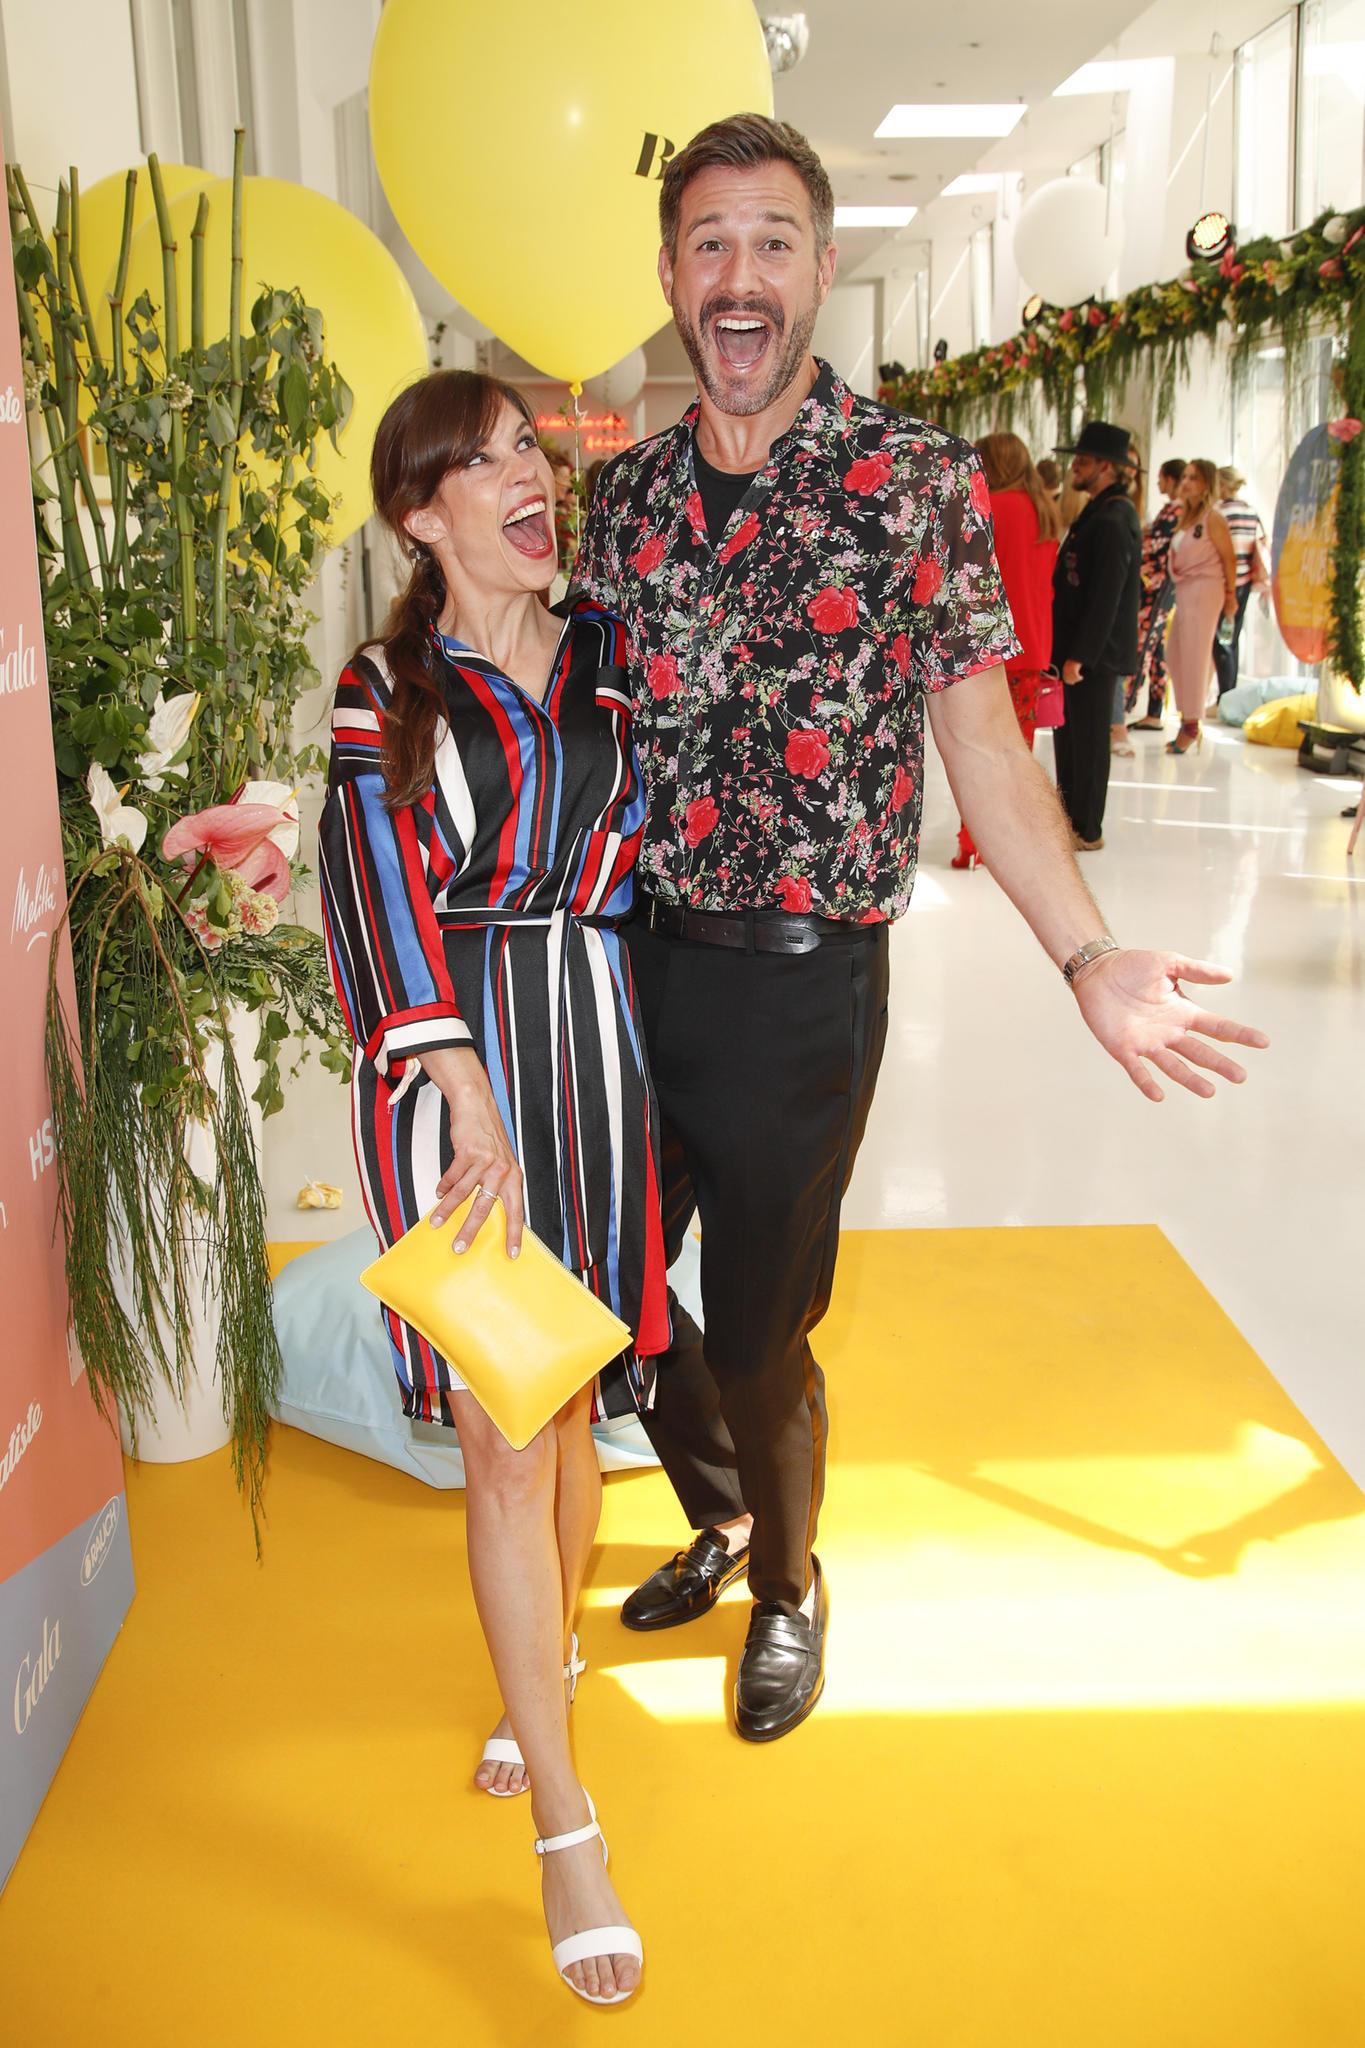 """Selbstbewusst und witzig muss Schropps Traumpartner sein. So wie Birthe Wolter, 36 – nur halt als Mann. Die Schauspielerin und der Moderator sind beste Freunde und haben immer viel Spaß zusammen, wie hier beim """"Fashion Hub""""in Berlin"""